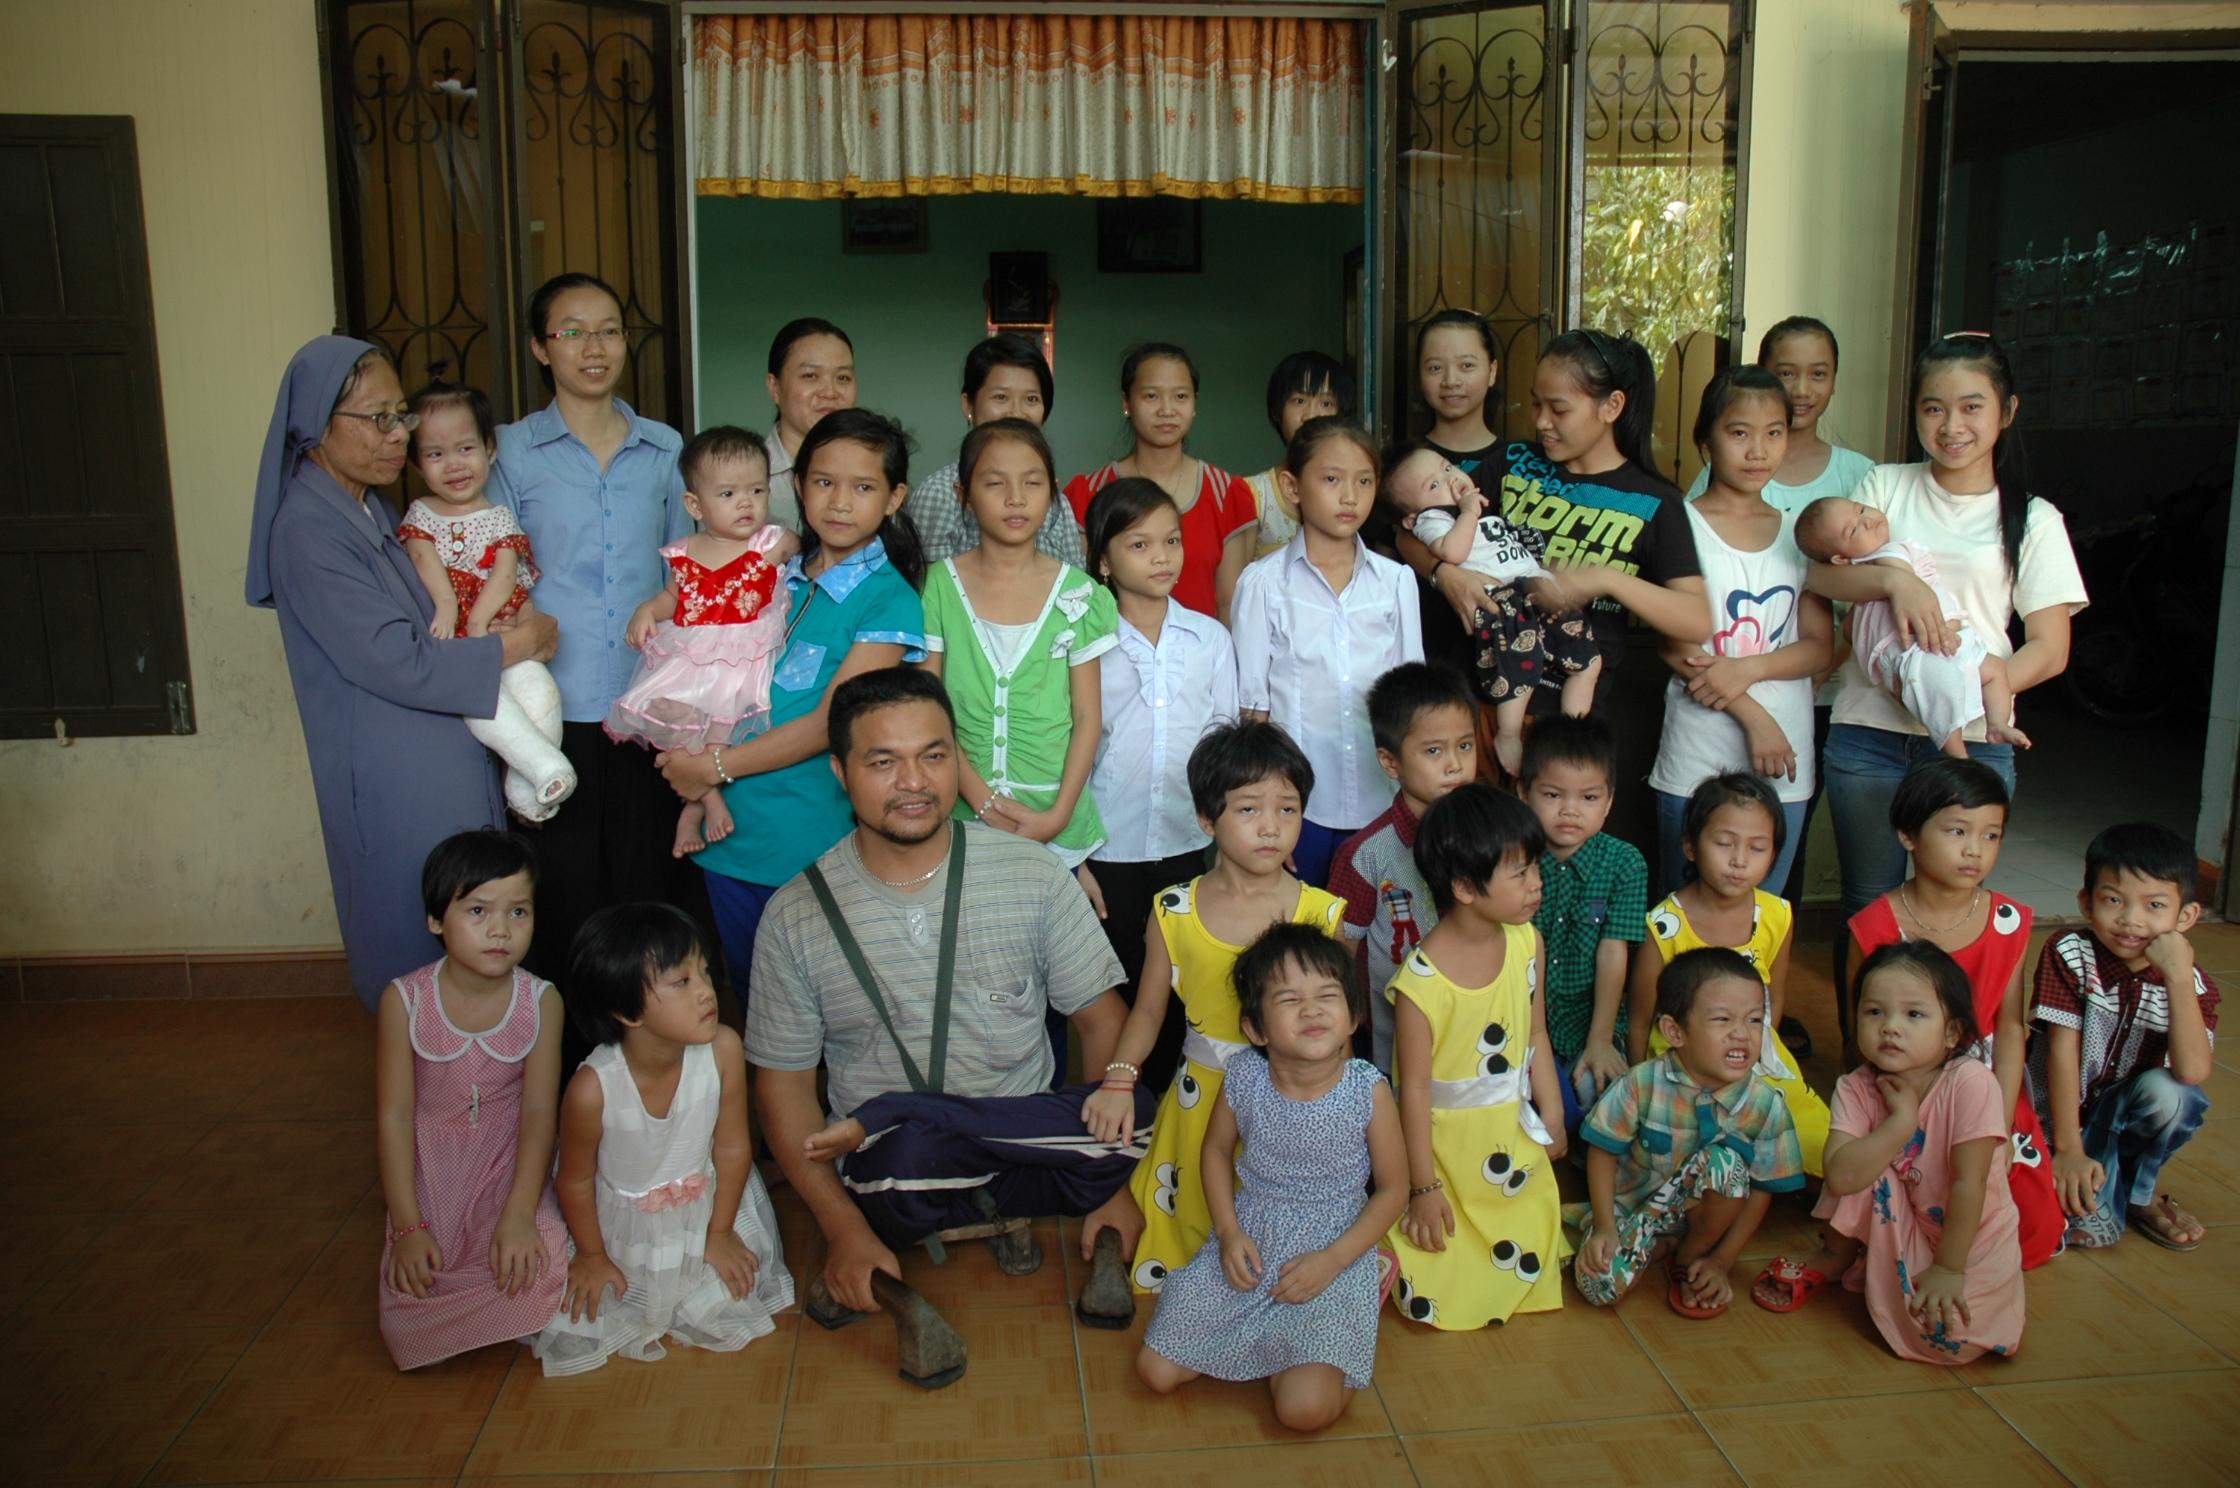 Les enfants de Huê en images